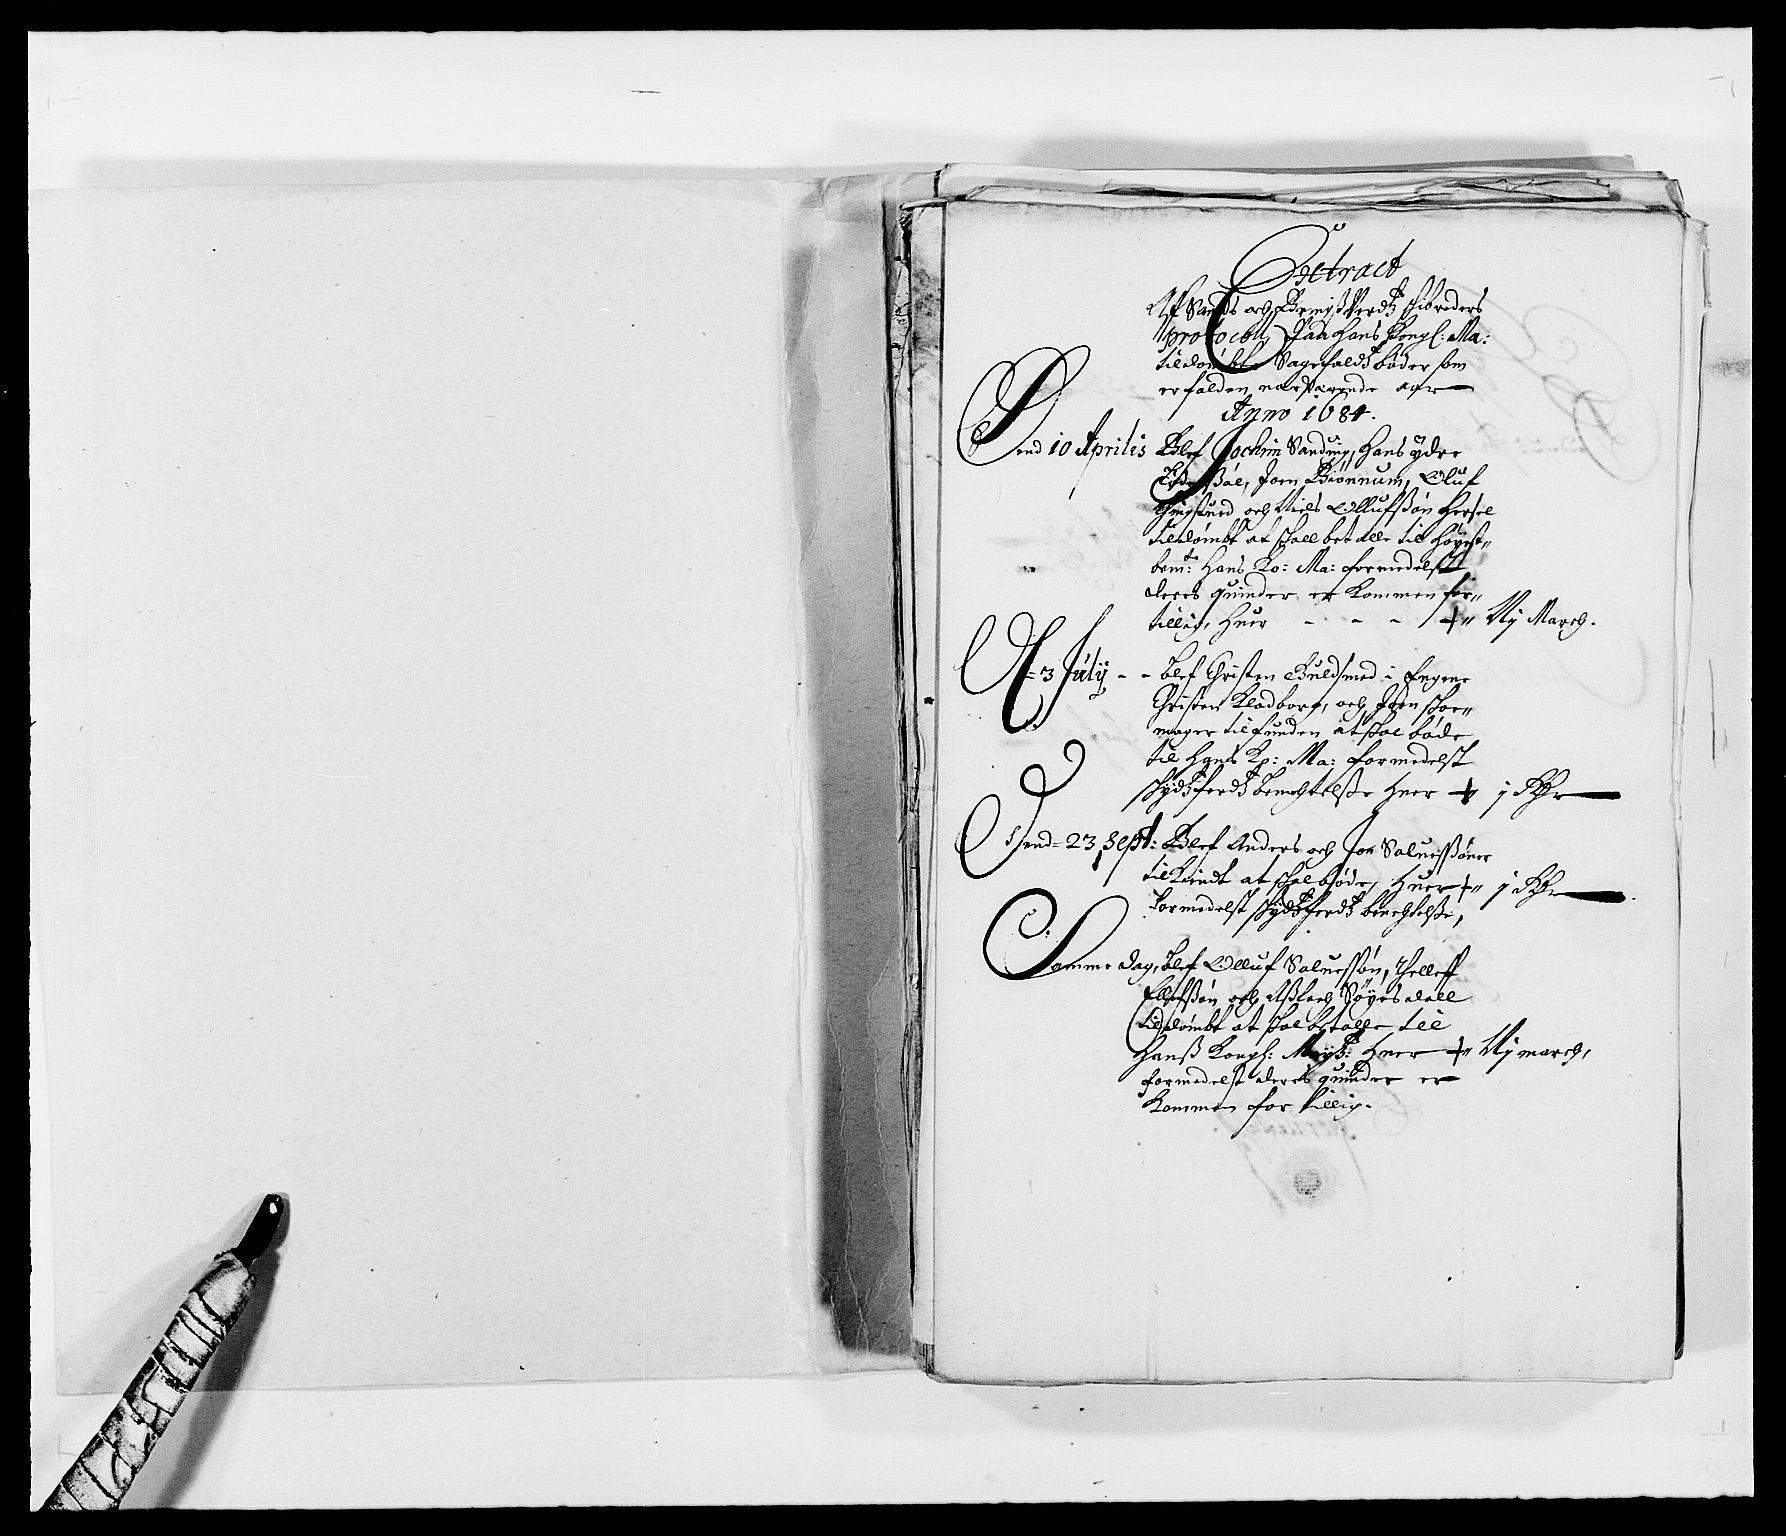 RA, Rentekammeret inntil 1814, Reviderte regnskaper, Fogderegnskap, R39/L2308: Fogderegnskap Nedenes, 1684-1689, s. 14